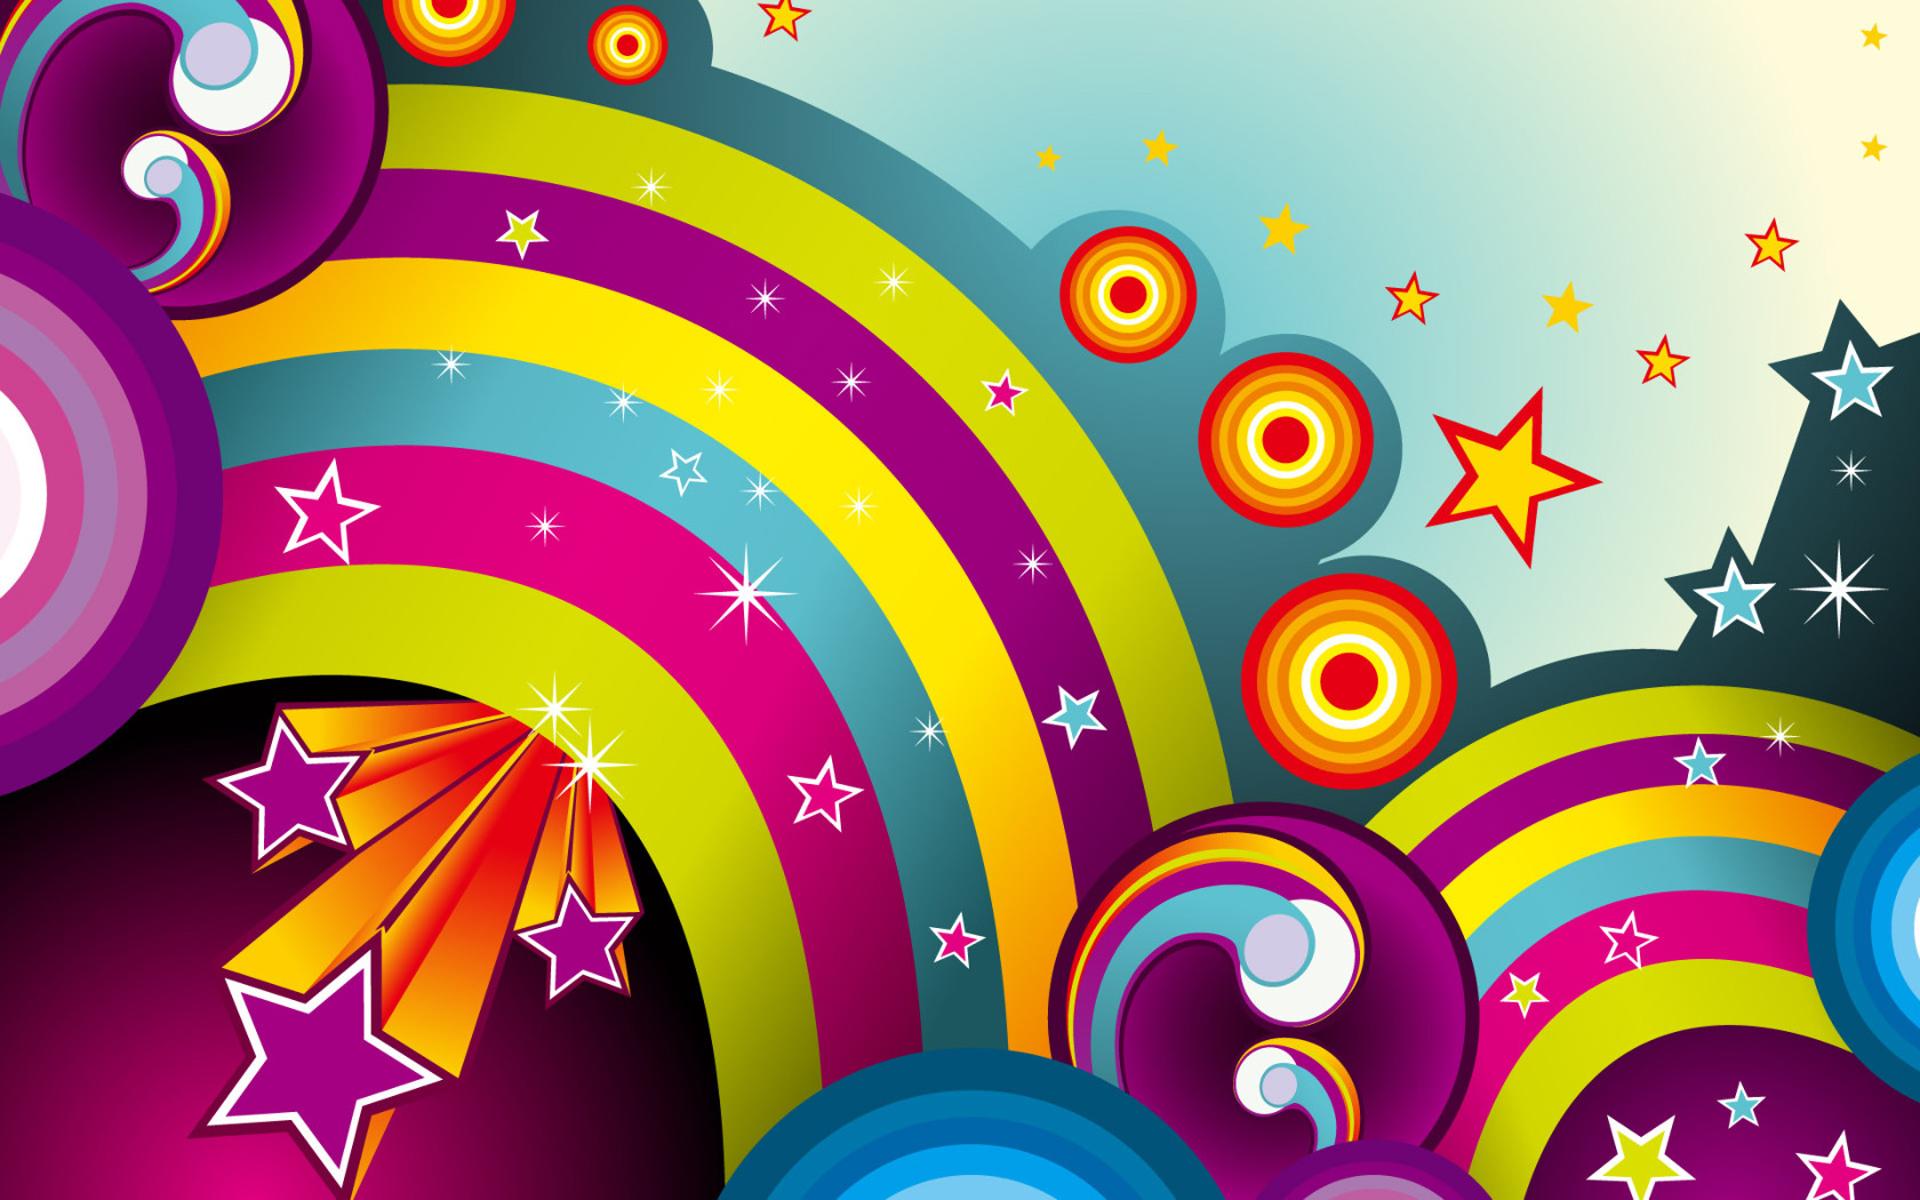 радуга и звездочки на фоне неба, скачать фото, обои для рабочего стола, rainbow wallpapers